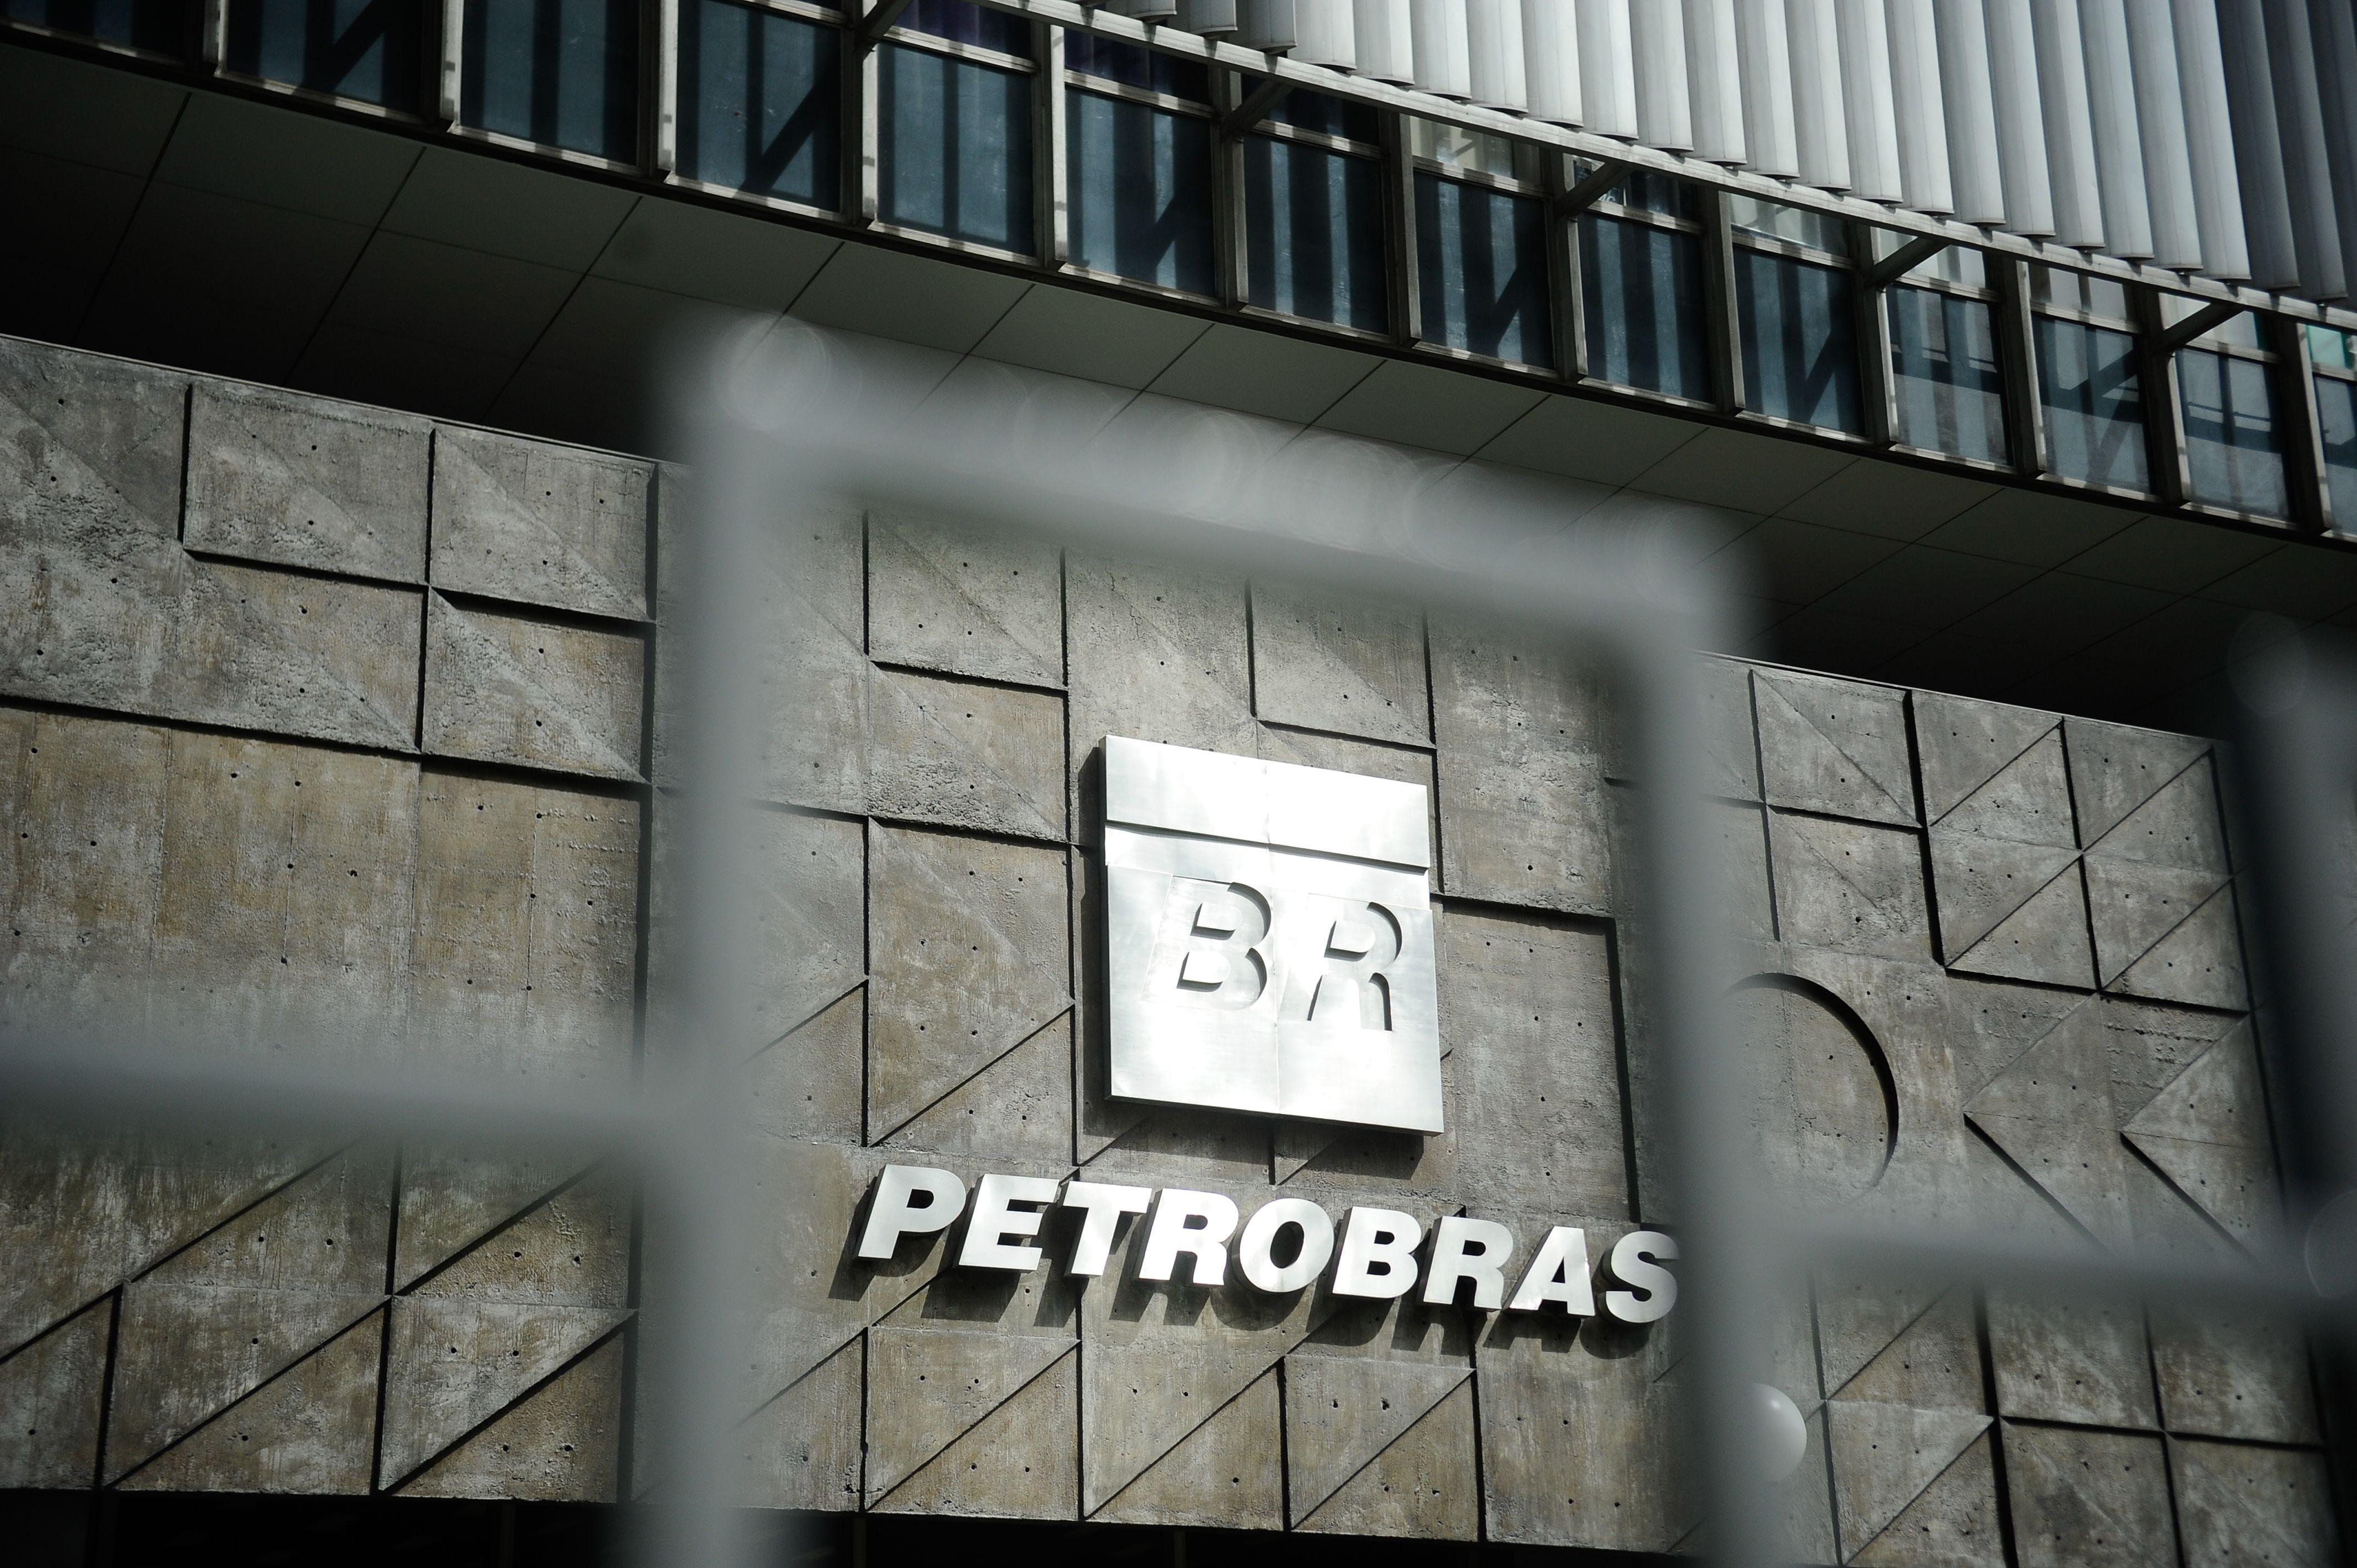 Petrobras paga os maiores salários, e Eletrobras, os menores, dentre as cinco principais estatais brasileiras